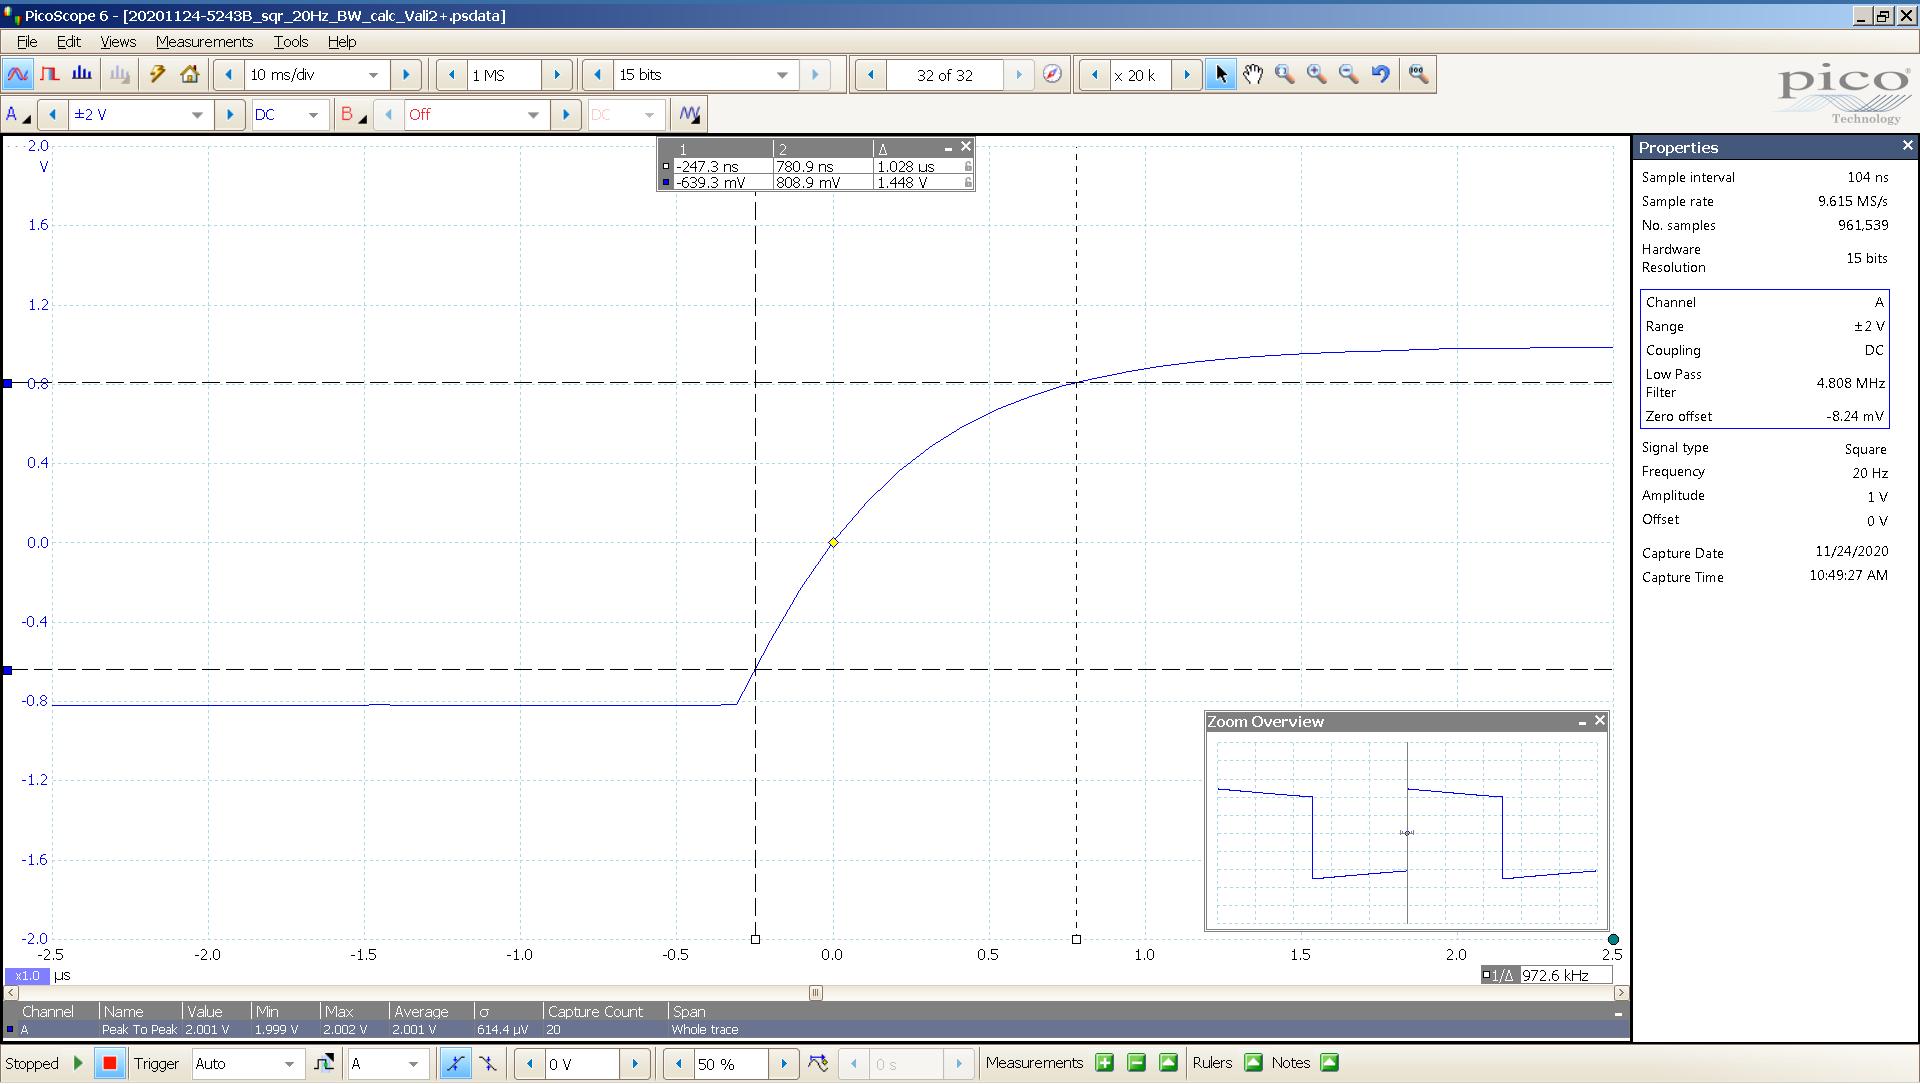 20201124 SigGen Vali2+ 6bz7a 20 Hz square 2000mVpp 0_5uS div 5MHz filter 300R - BW calc.png